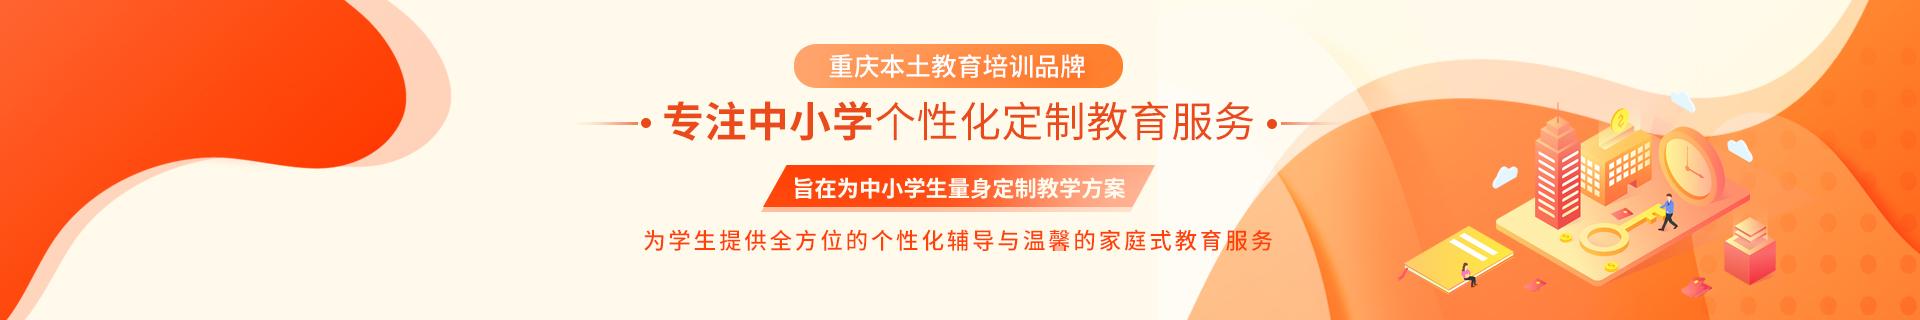 重庆渝北区人和英豪优教辅导机构